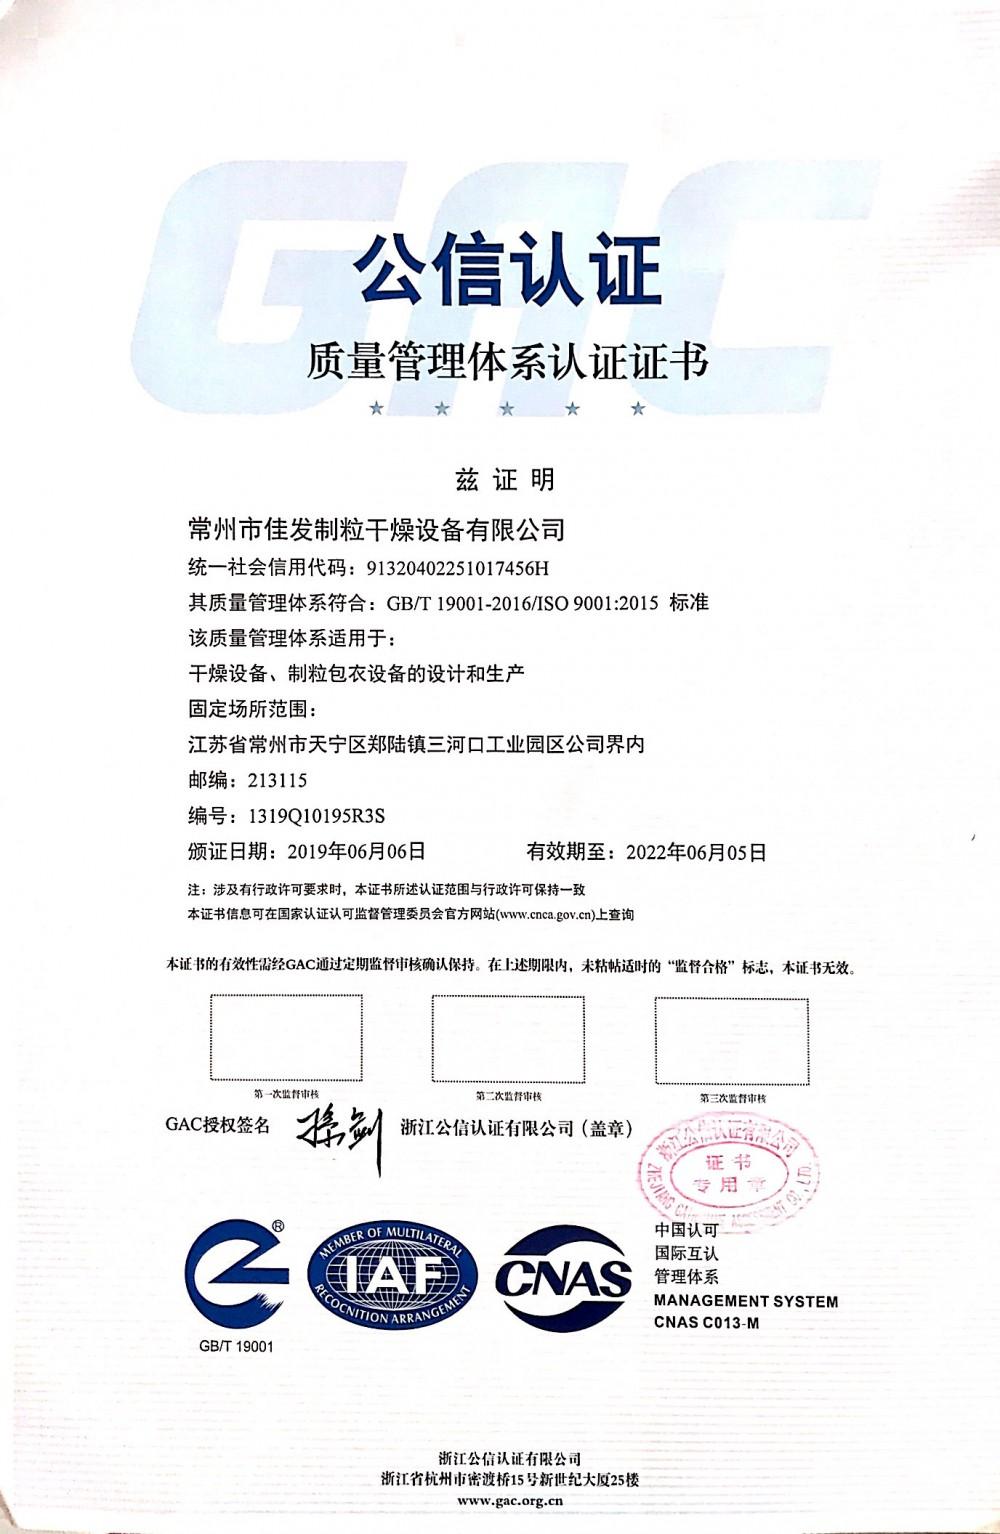 质量管理公信认证